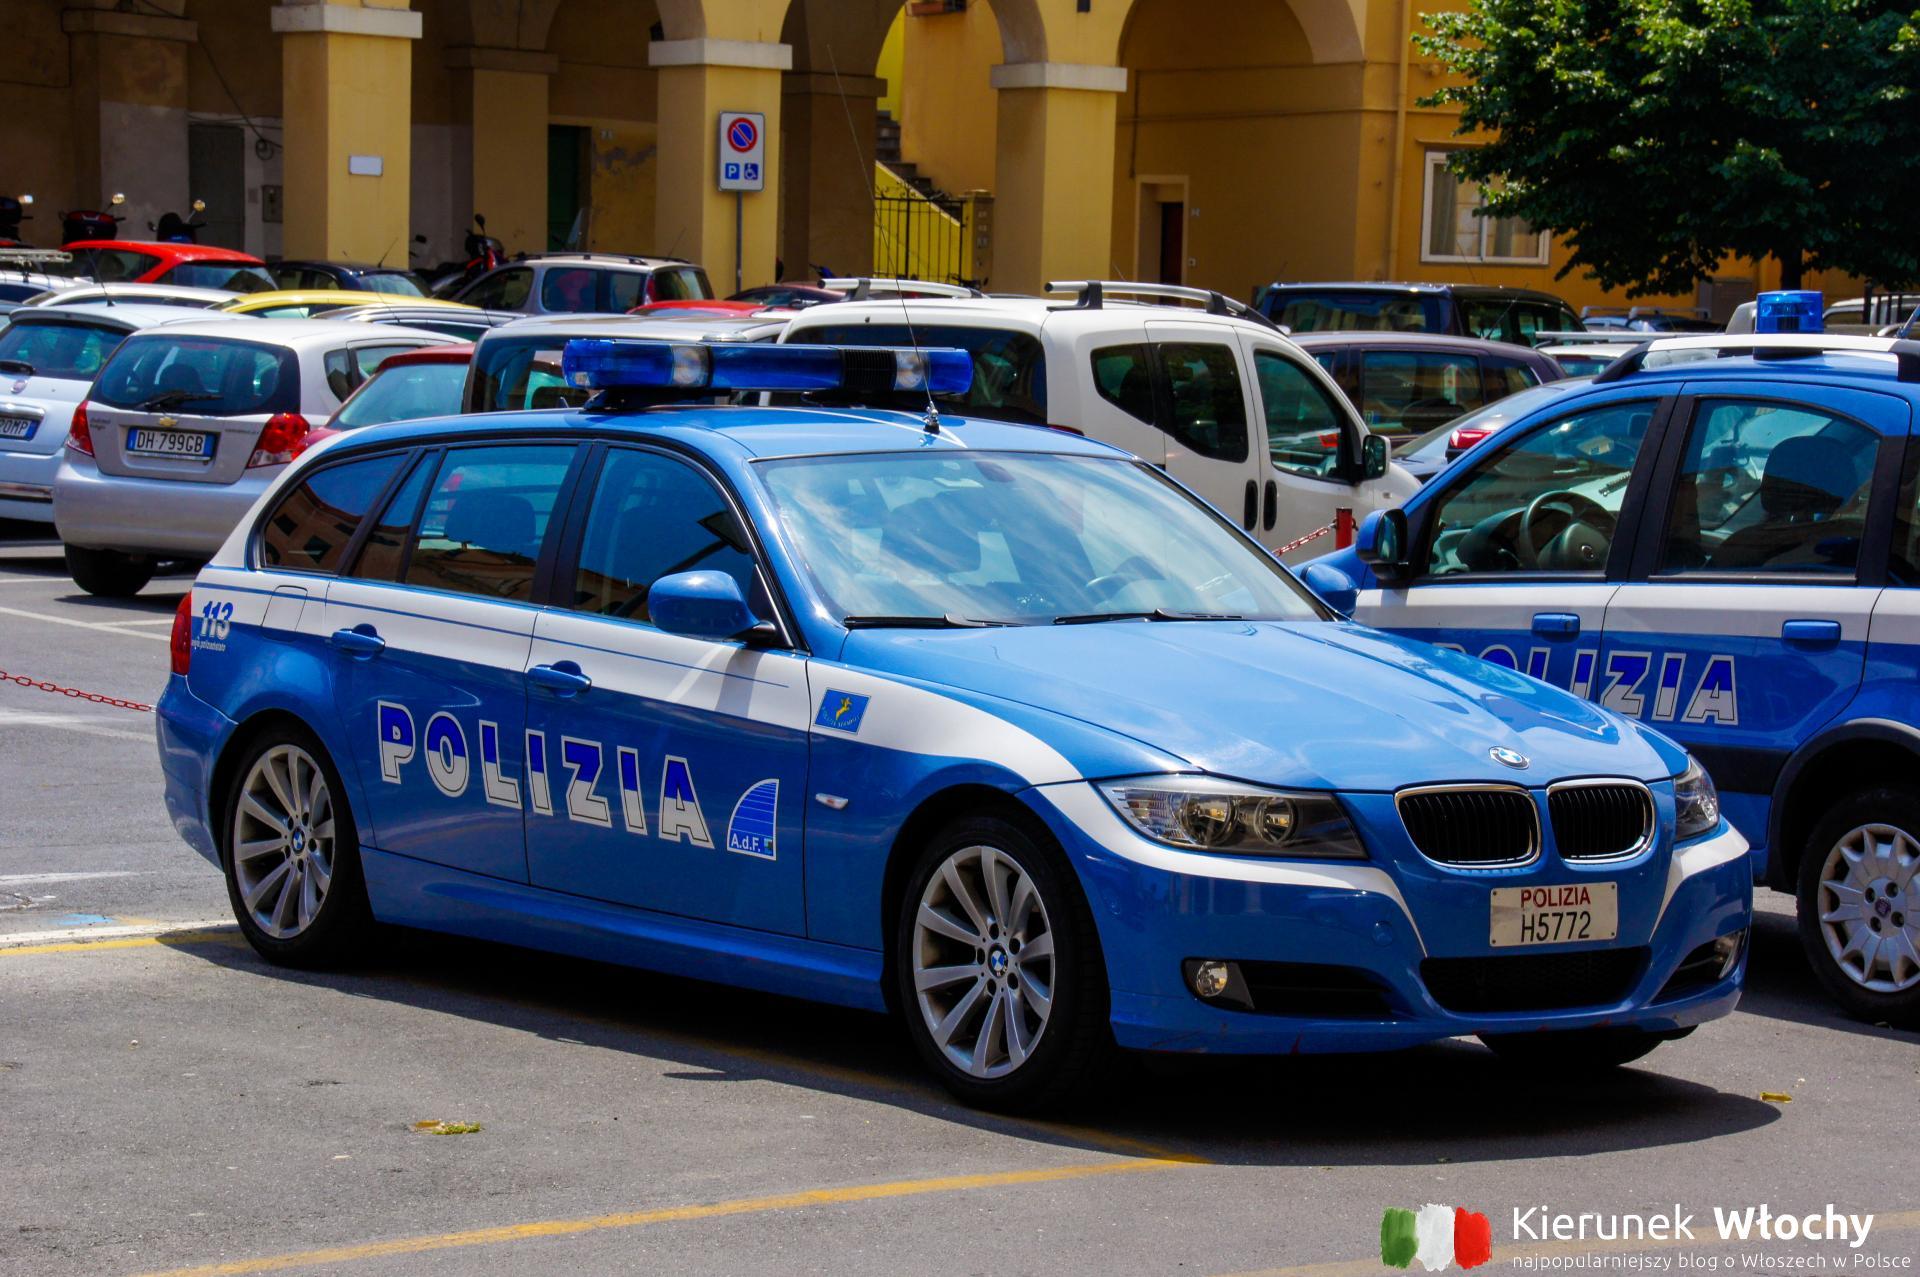 mandaty we Włoszech mogą wystawiać aż cztery służby: policja, karabinierzy, Guardia di Finanza i straż miejska (fot. Łukasz Ropczyński, kierunekwlochy.pl)